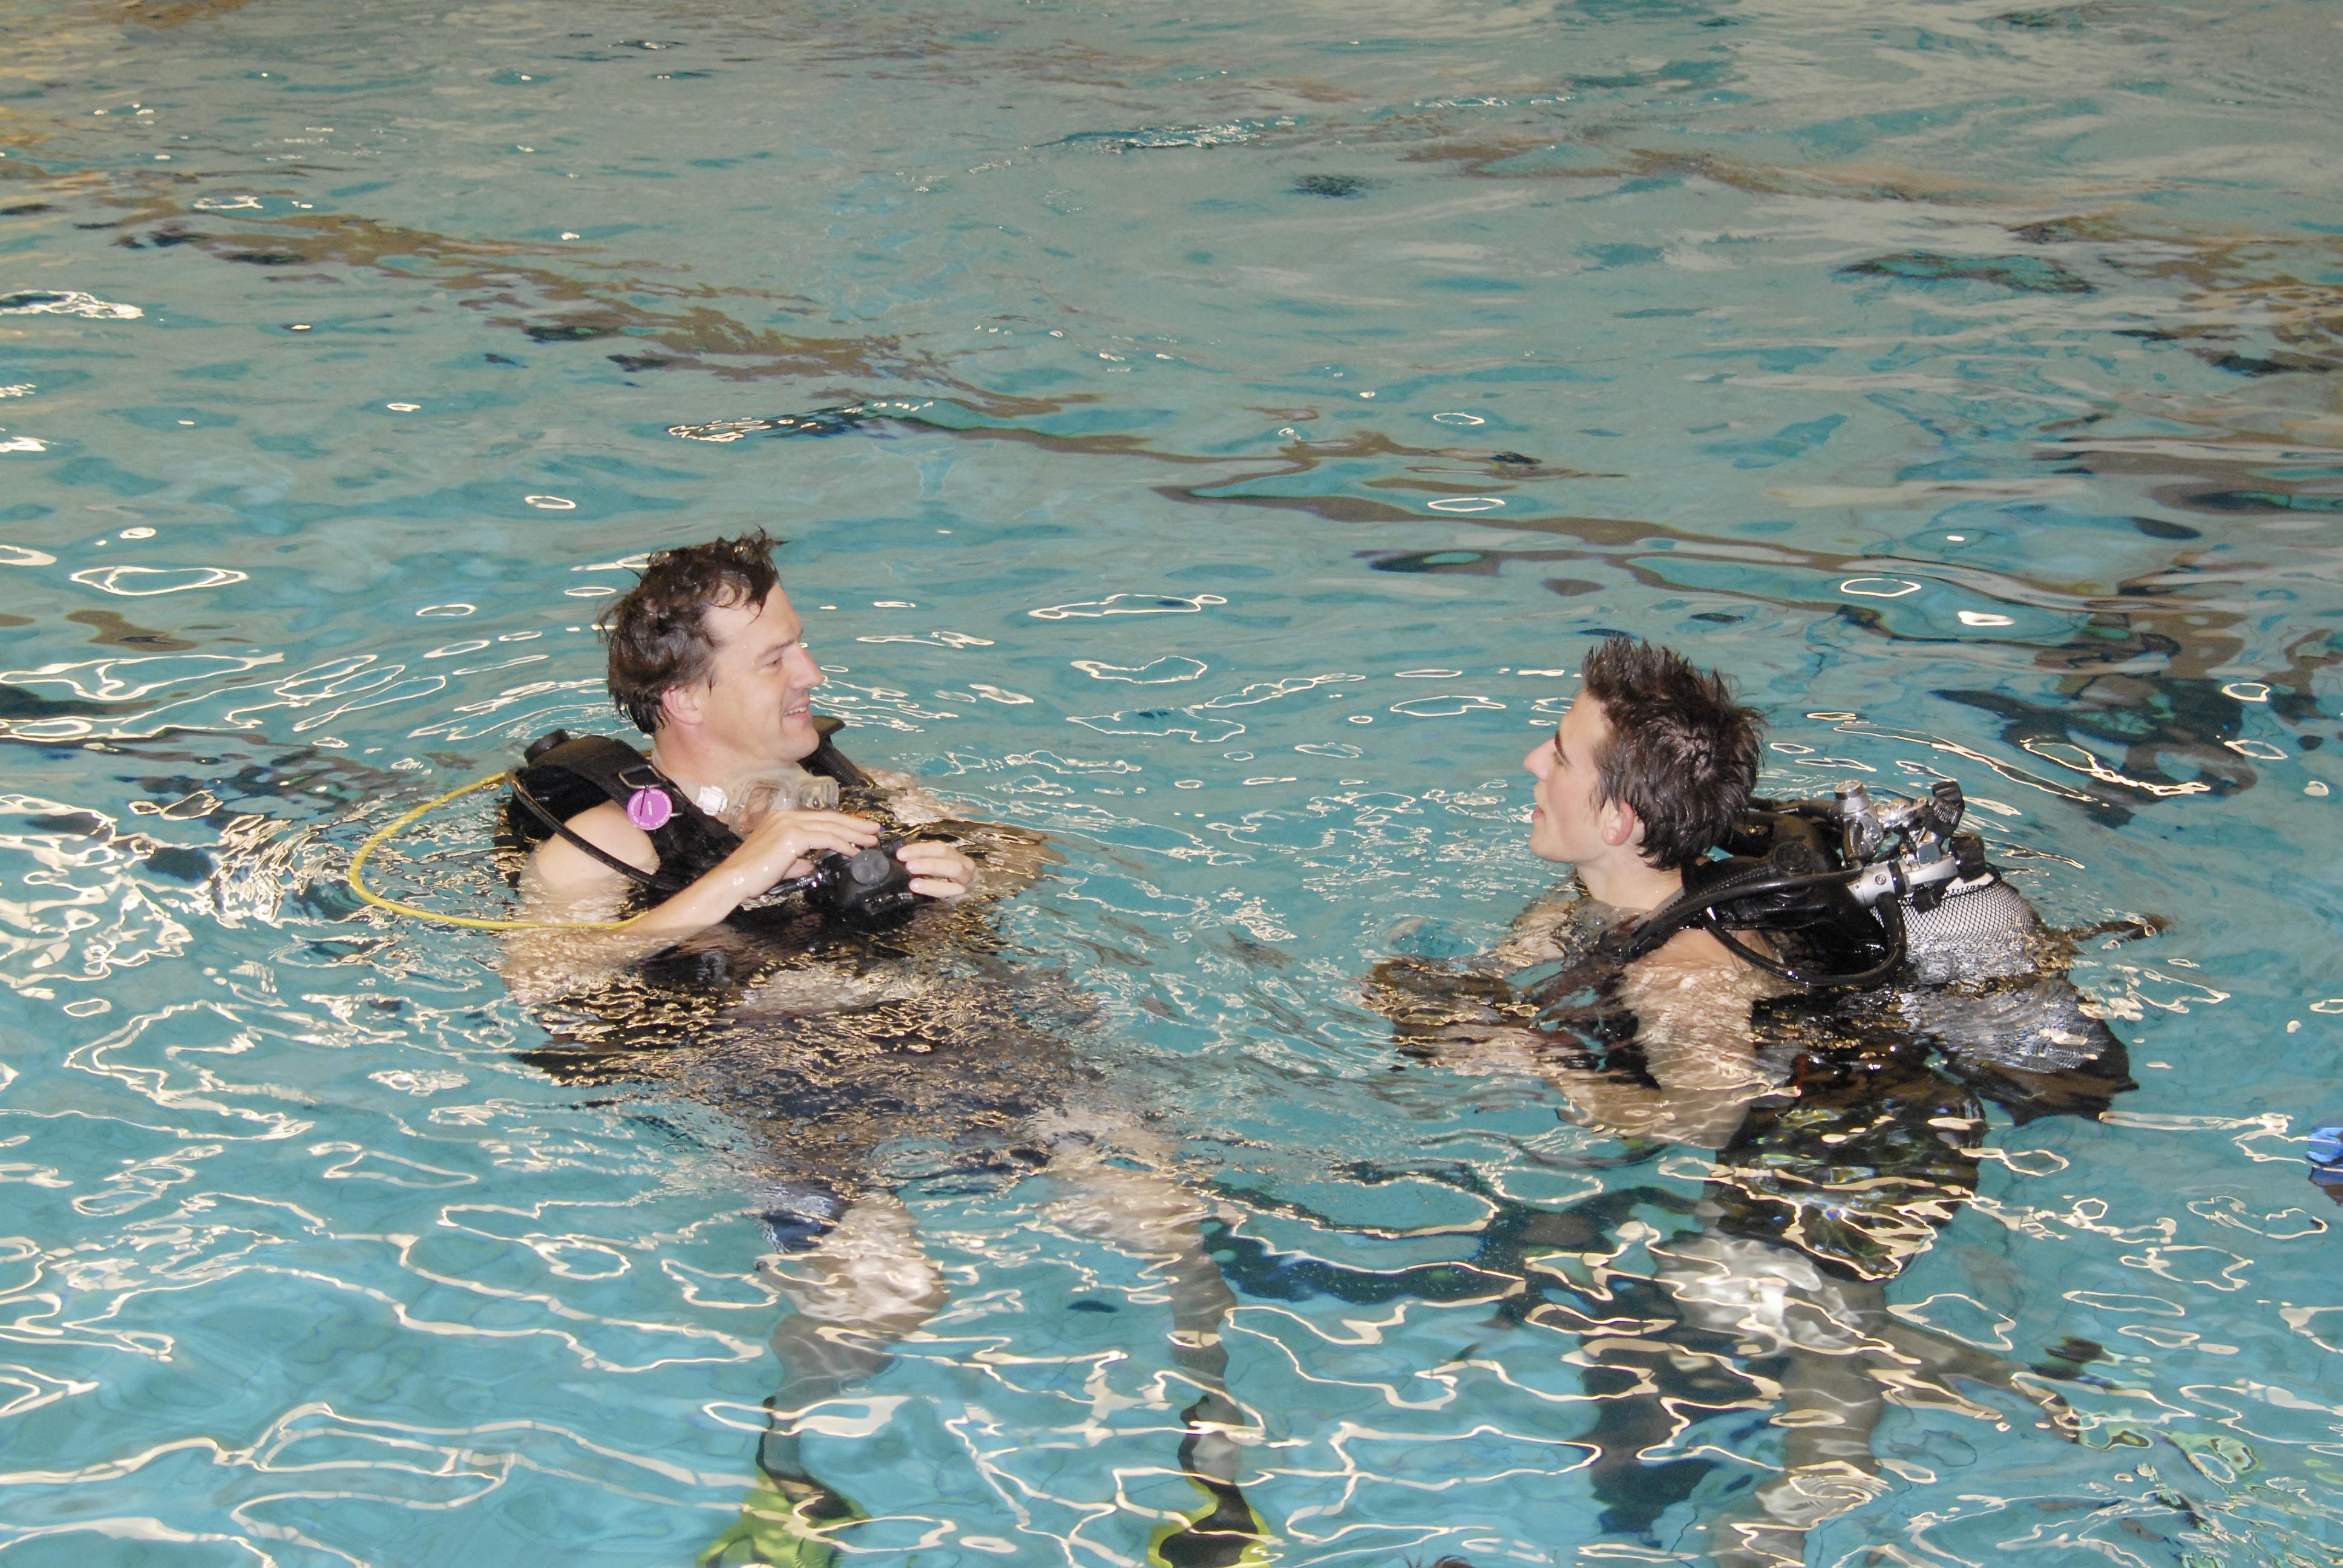 Zwembadtraining duikvereniging get wet den haag